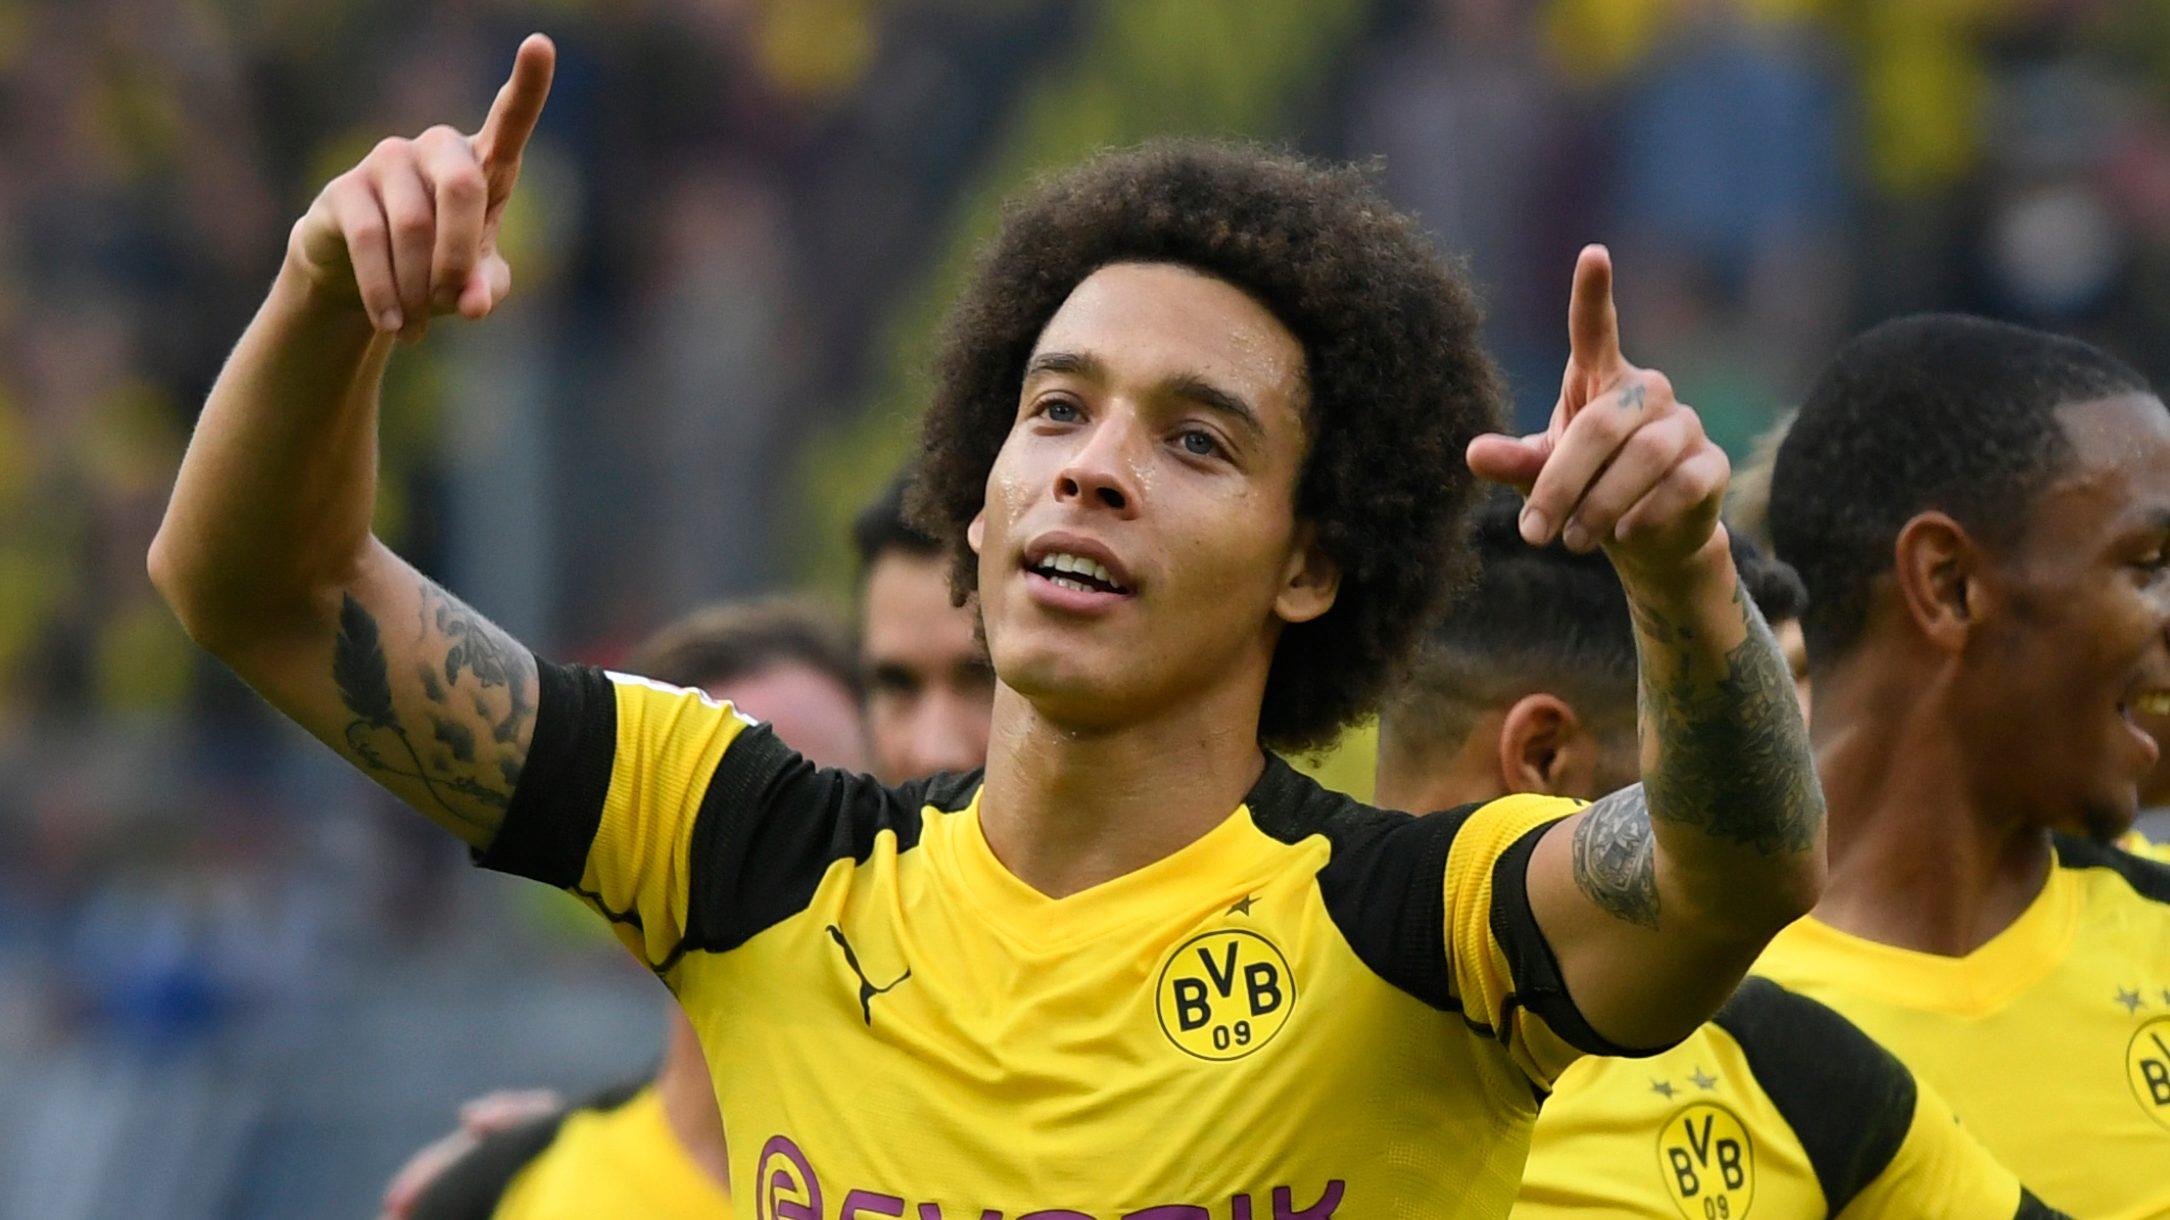 Análisis: Axel Witsel, el motor del Dortmund